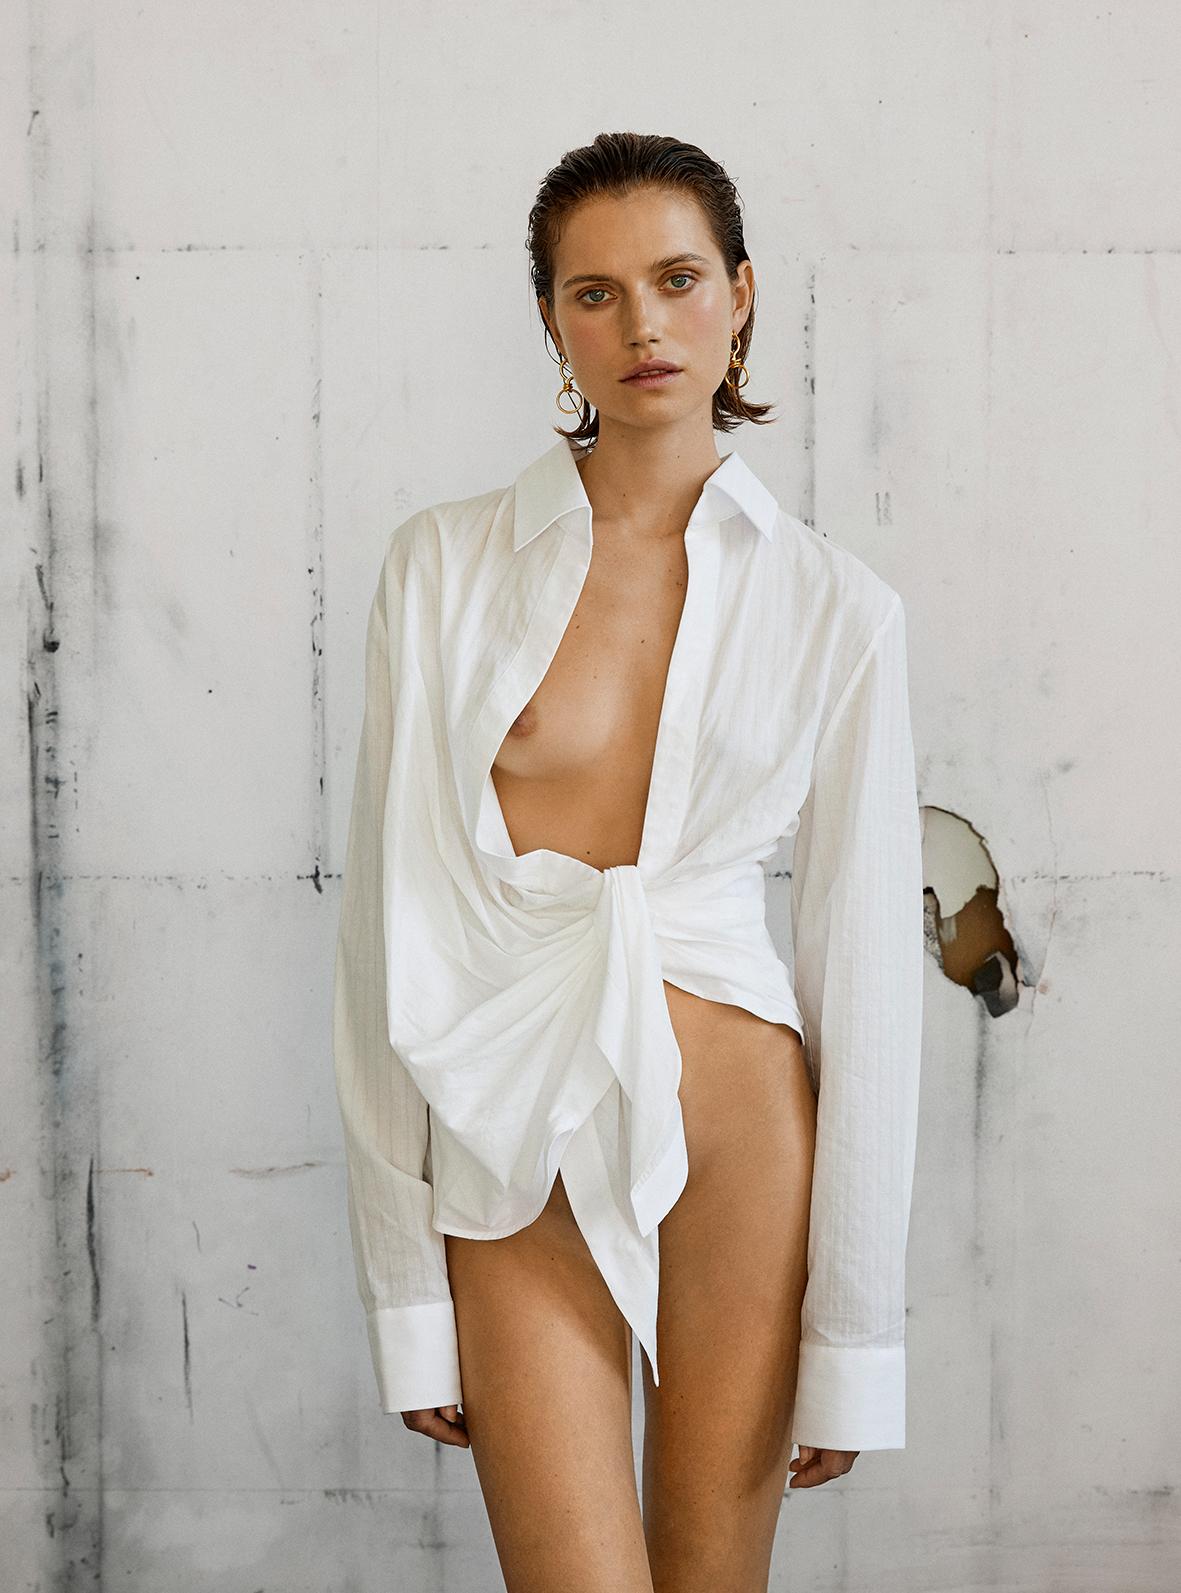 © Fleur Bult / Vogue Ukraine